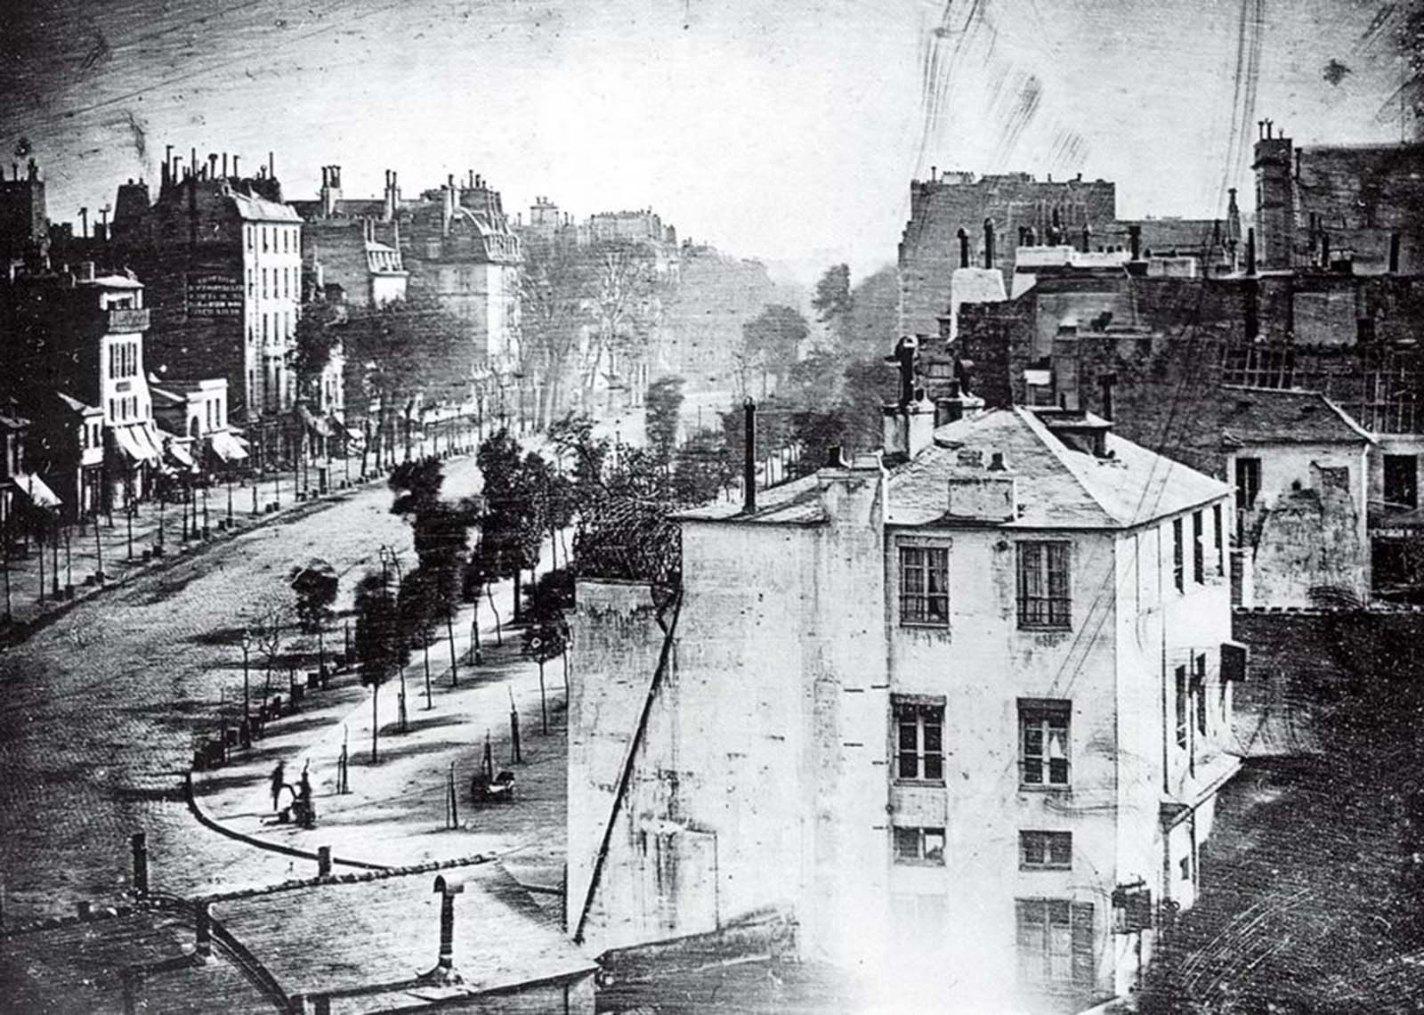 historical photos: Boulevard du Temple, Louis Daguerre, 1839